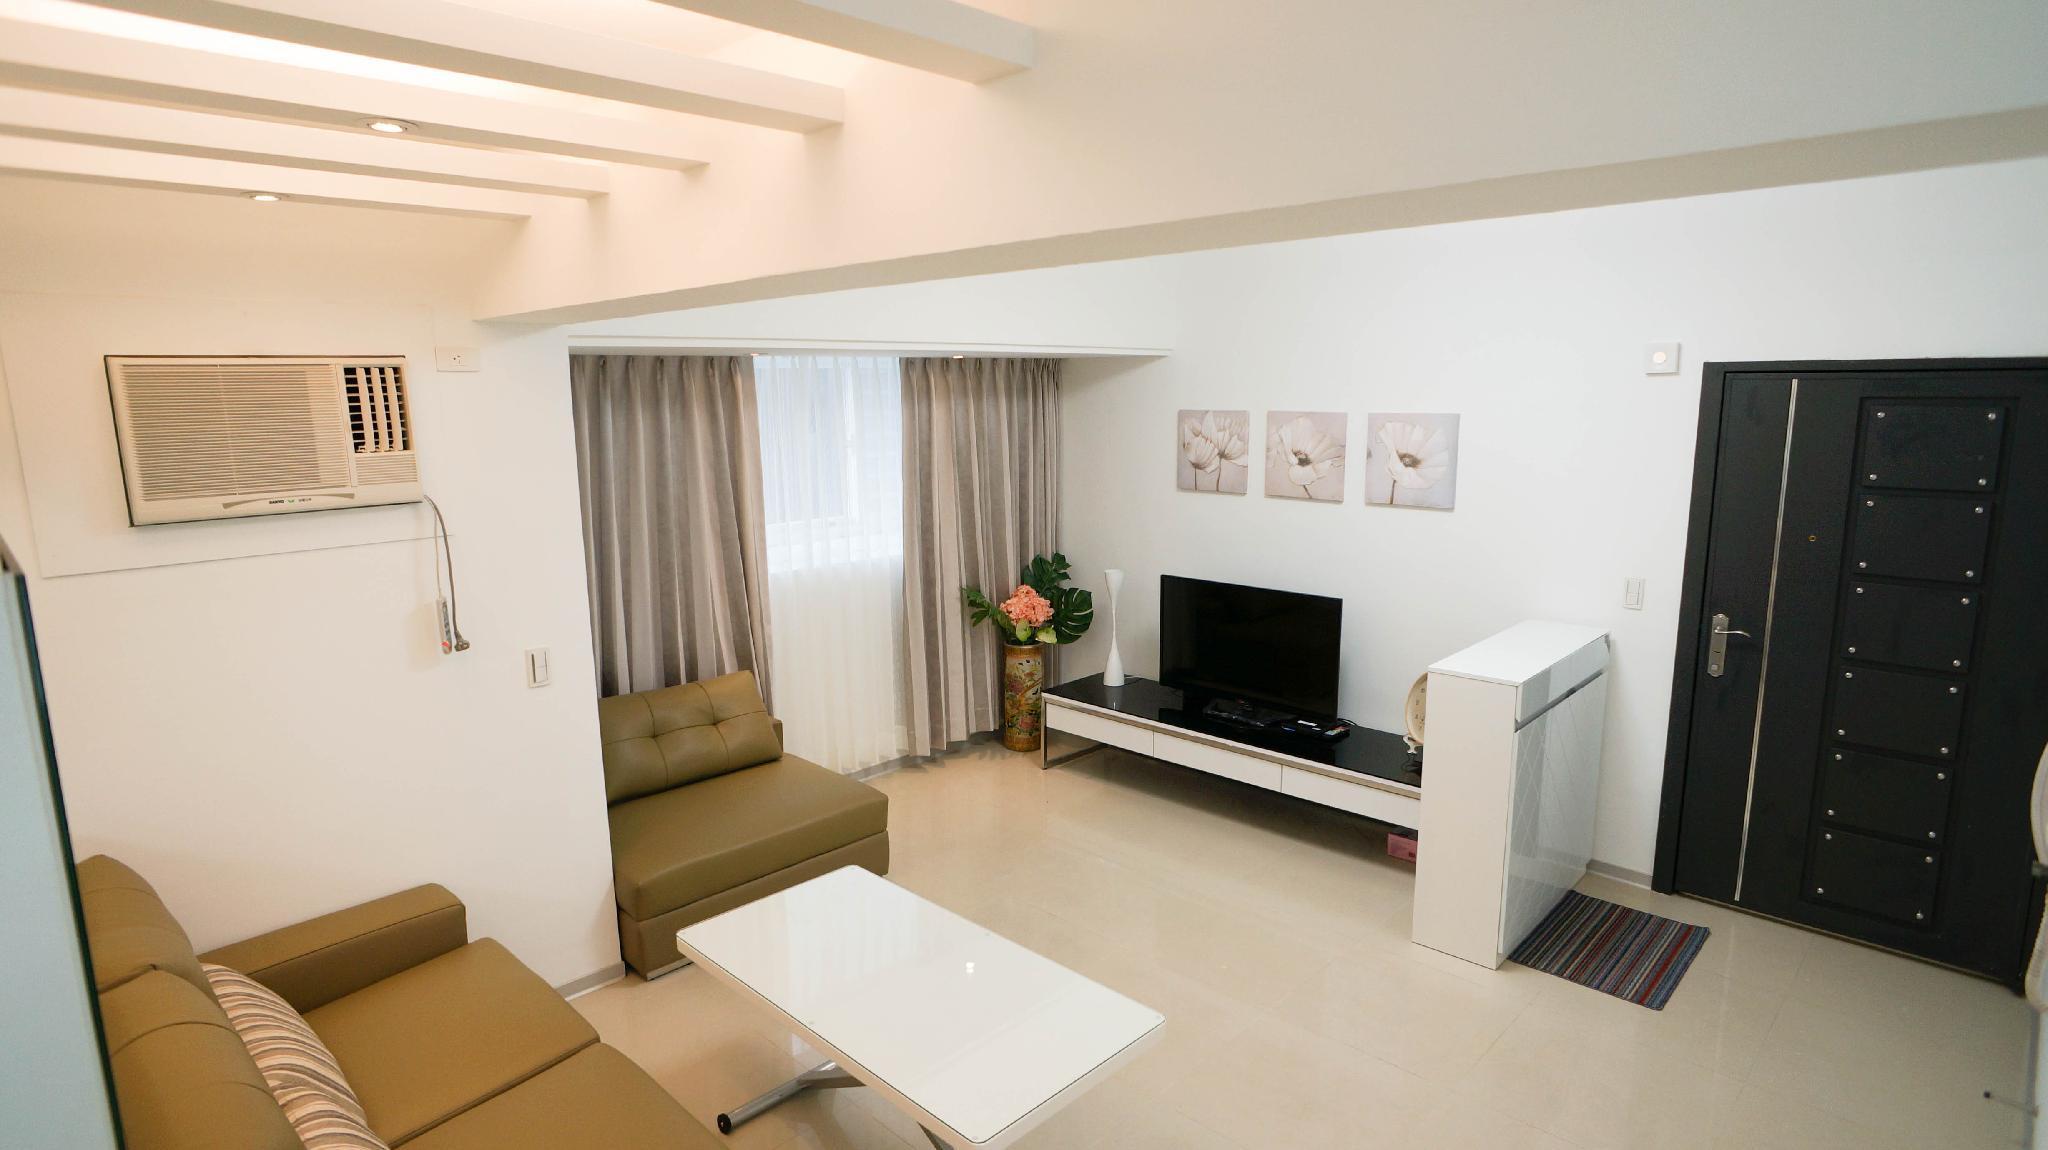 3 Rooms 4 Beds 2bath  Dongmen MRT2mins  Yongkang